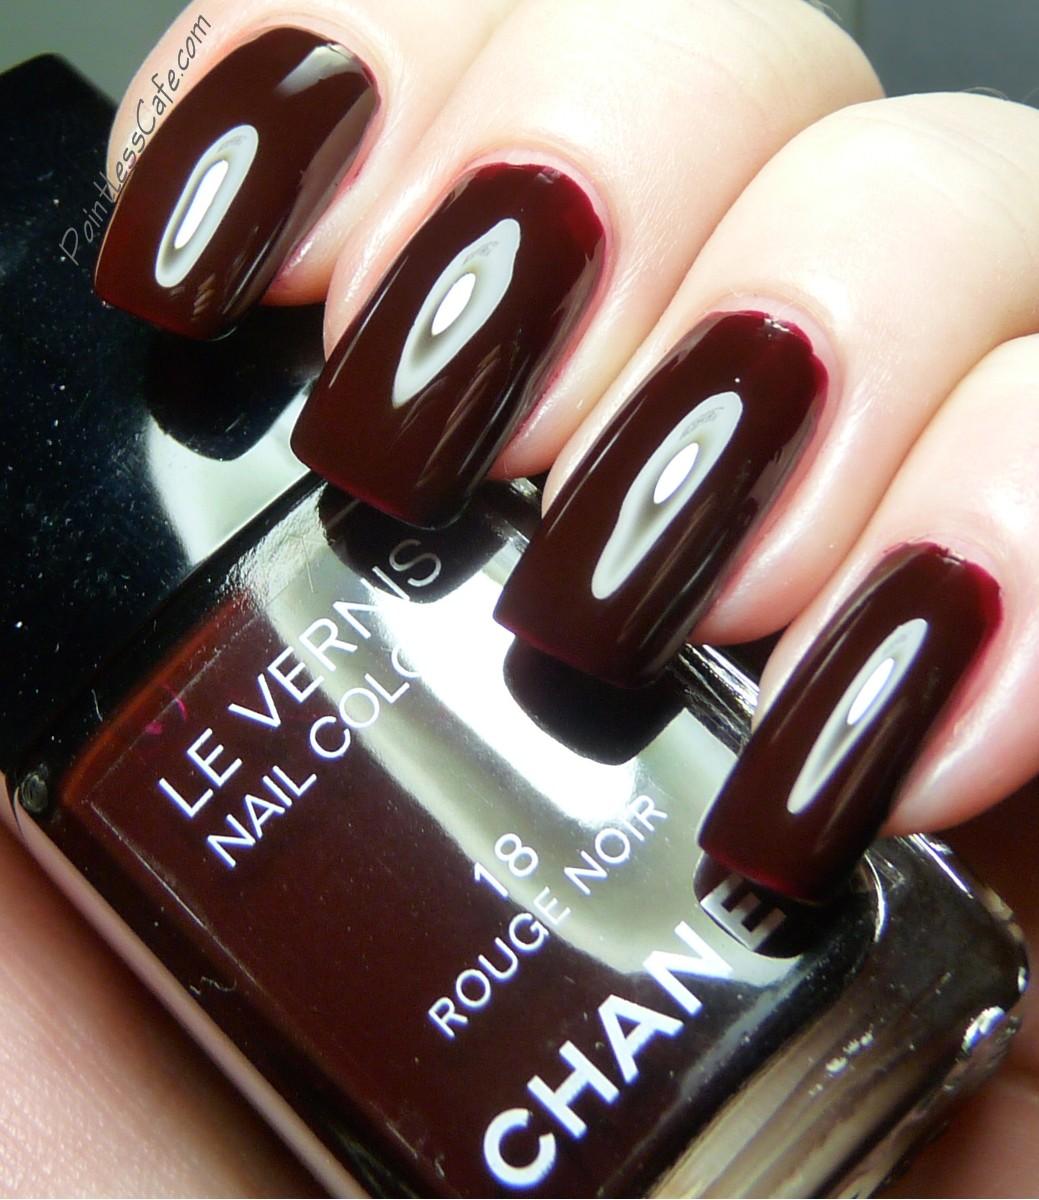 Chanel Rouge Noir 18 Lipstick Chanel 18 Rouge Noir